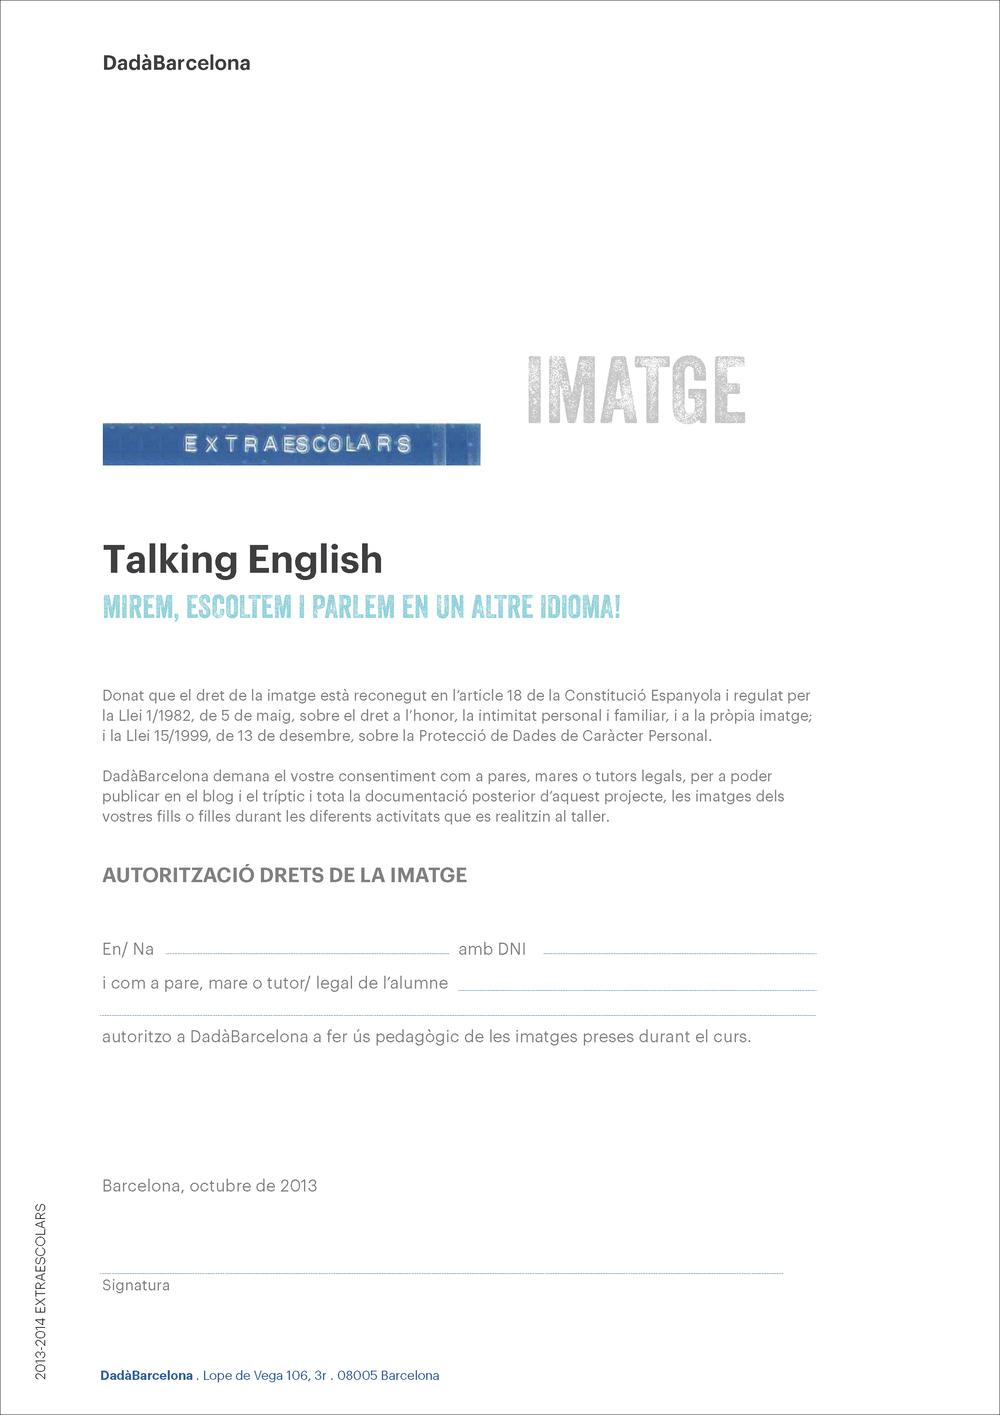 TalkingEnglish_autoritzacio_IMATGE.jpg